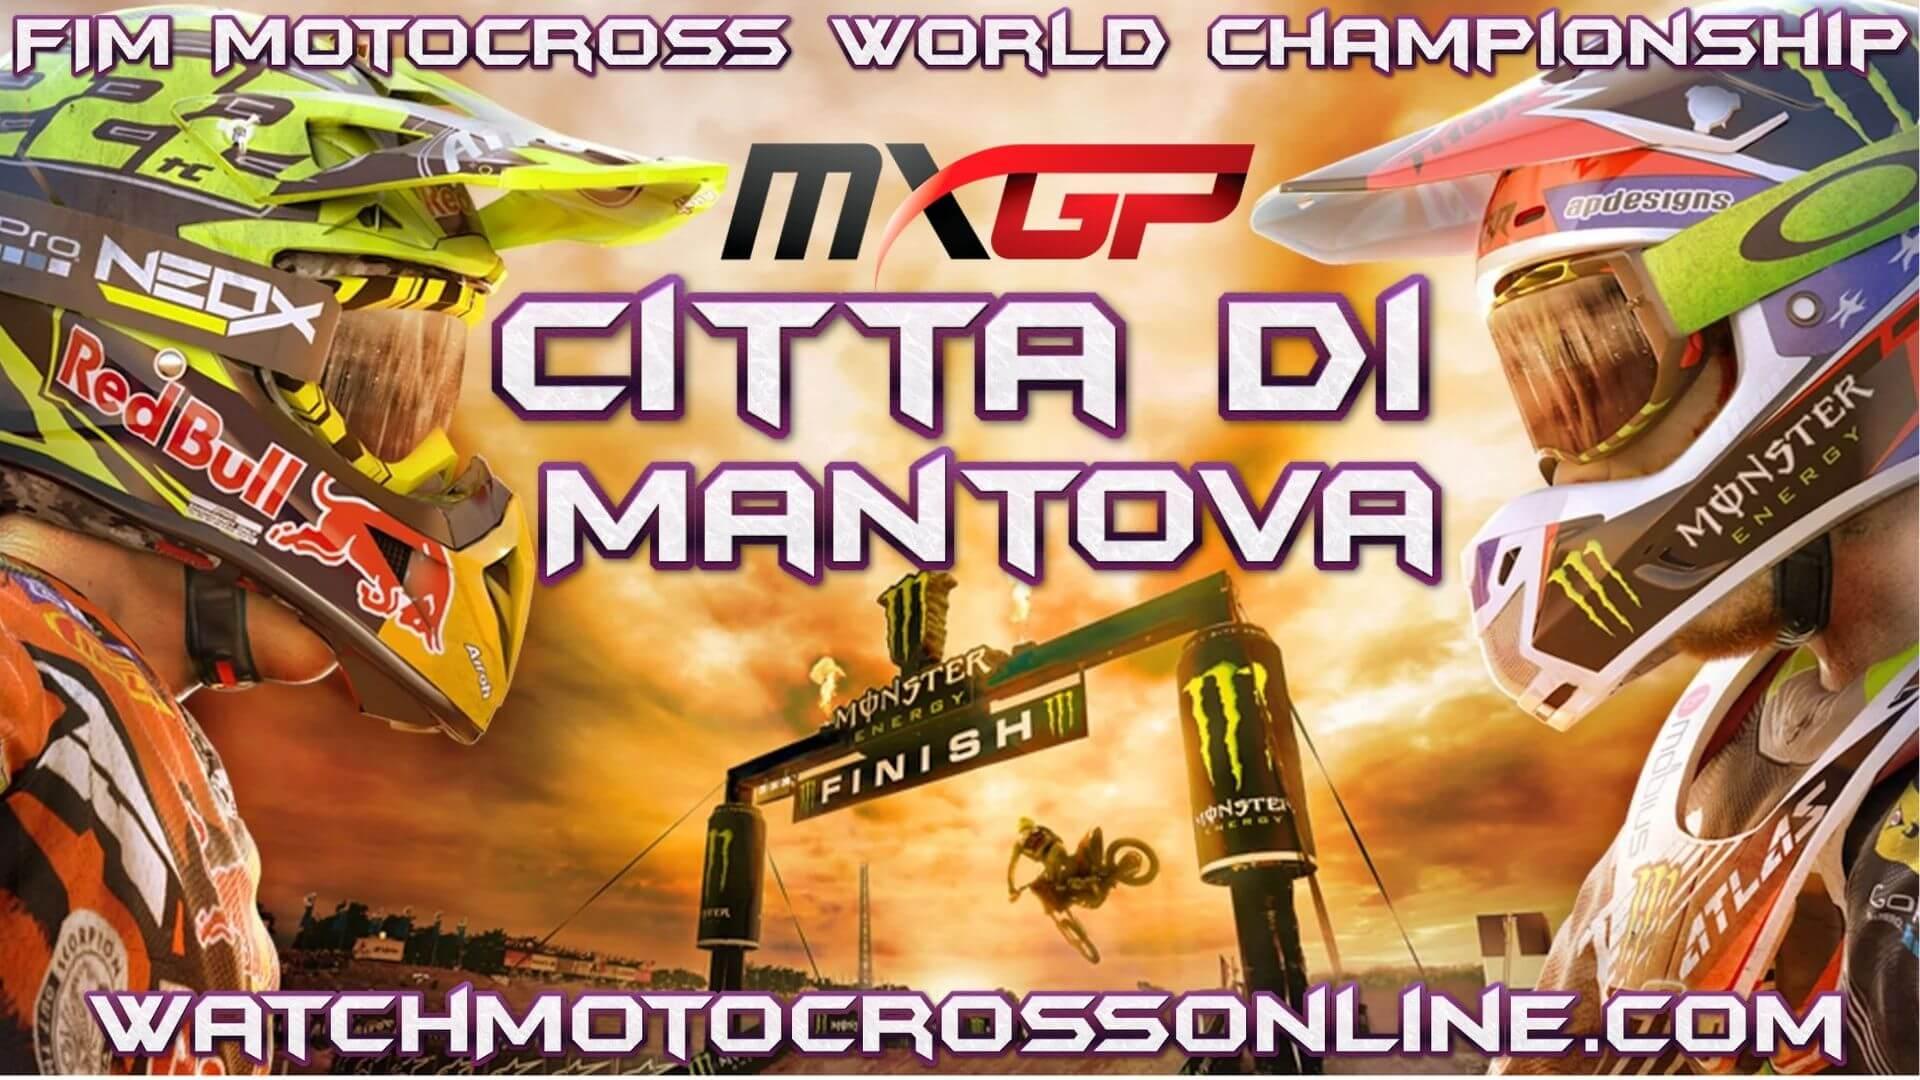 MXGP Of Citta Di Mantova Live Stream 2020